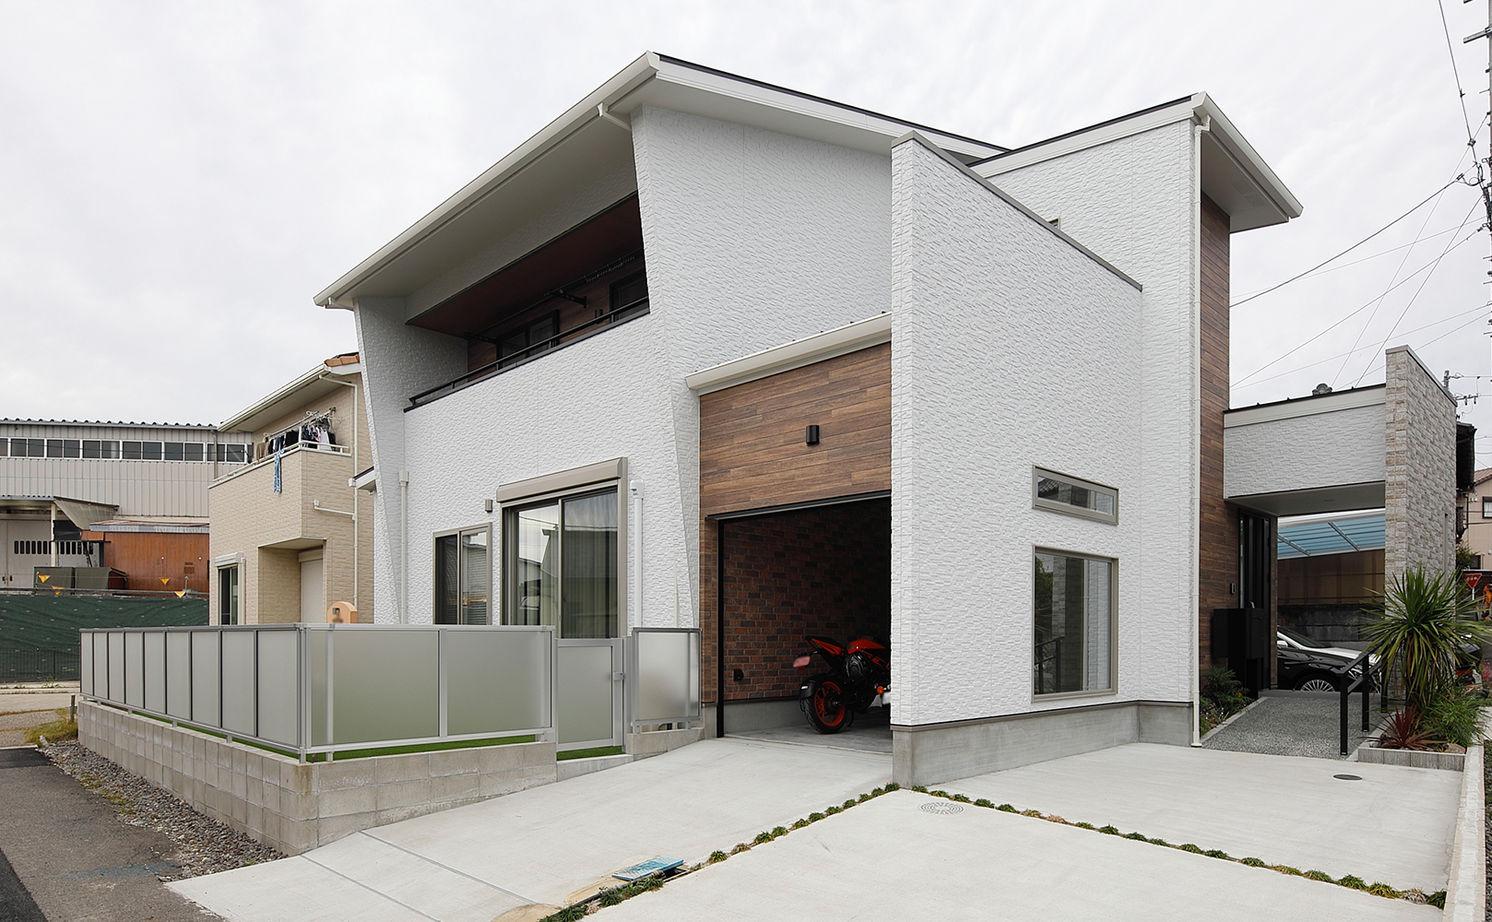 吉川住建【デザイン住宅、間取り、趣味】庇の長いインナーバルコニーは、洗濯物を干しているときに多少の雨が降ってきても安心。また庇を長くすることで、一部片流れの屋根の面積が増え、約10kWの太陽光発電パネルを搭載することができた